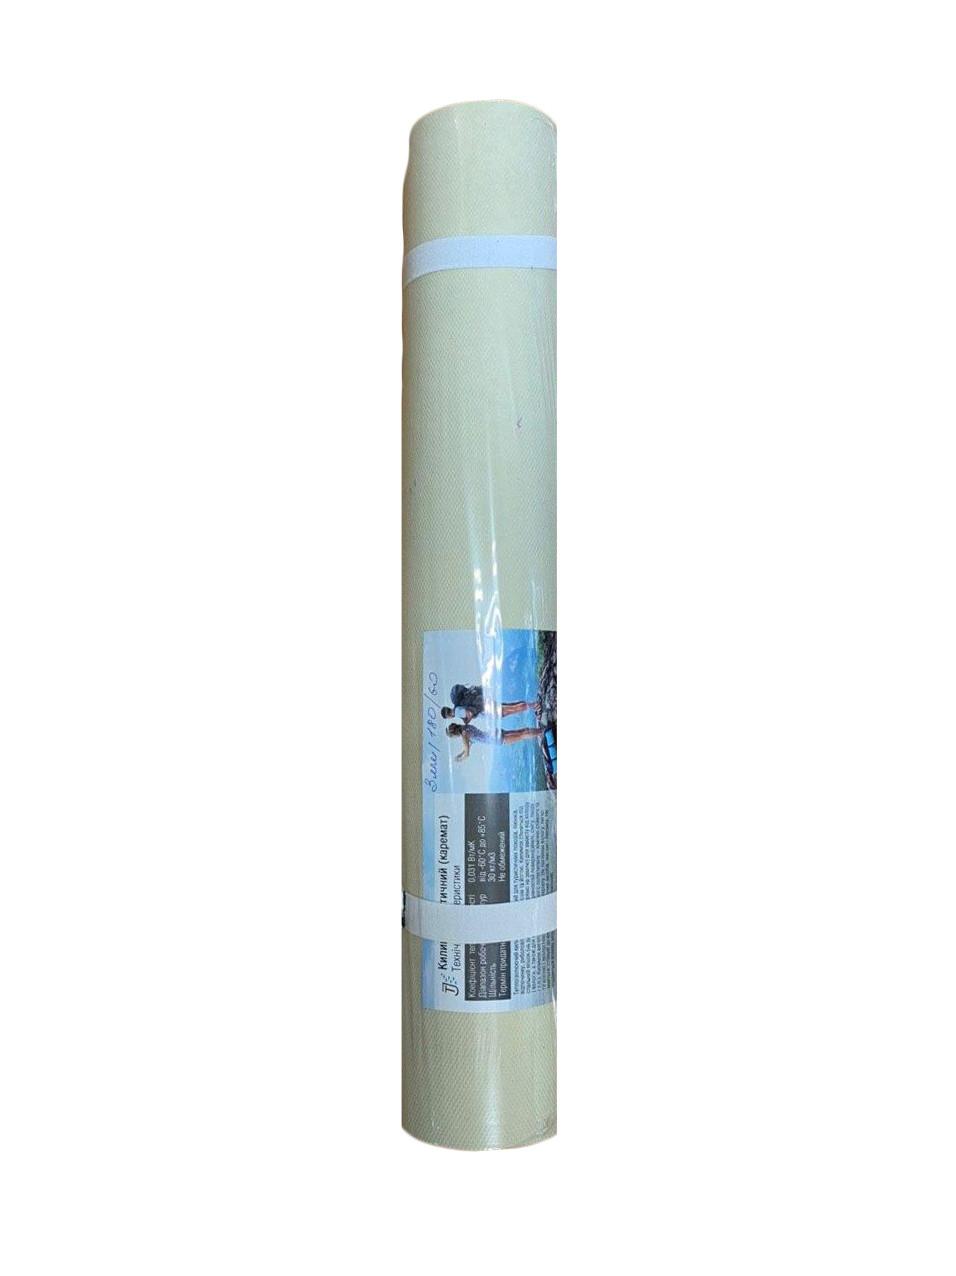 Коврик для фитнеса и йоги бежевый, т. 3 мм, 60х150 см, EVA, 130 кг/м3, производитель Украина, TERMOIZOL®